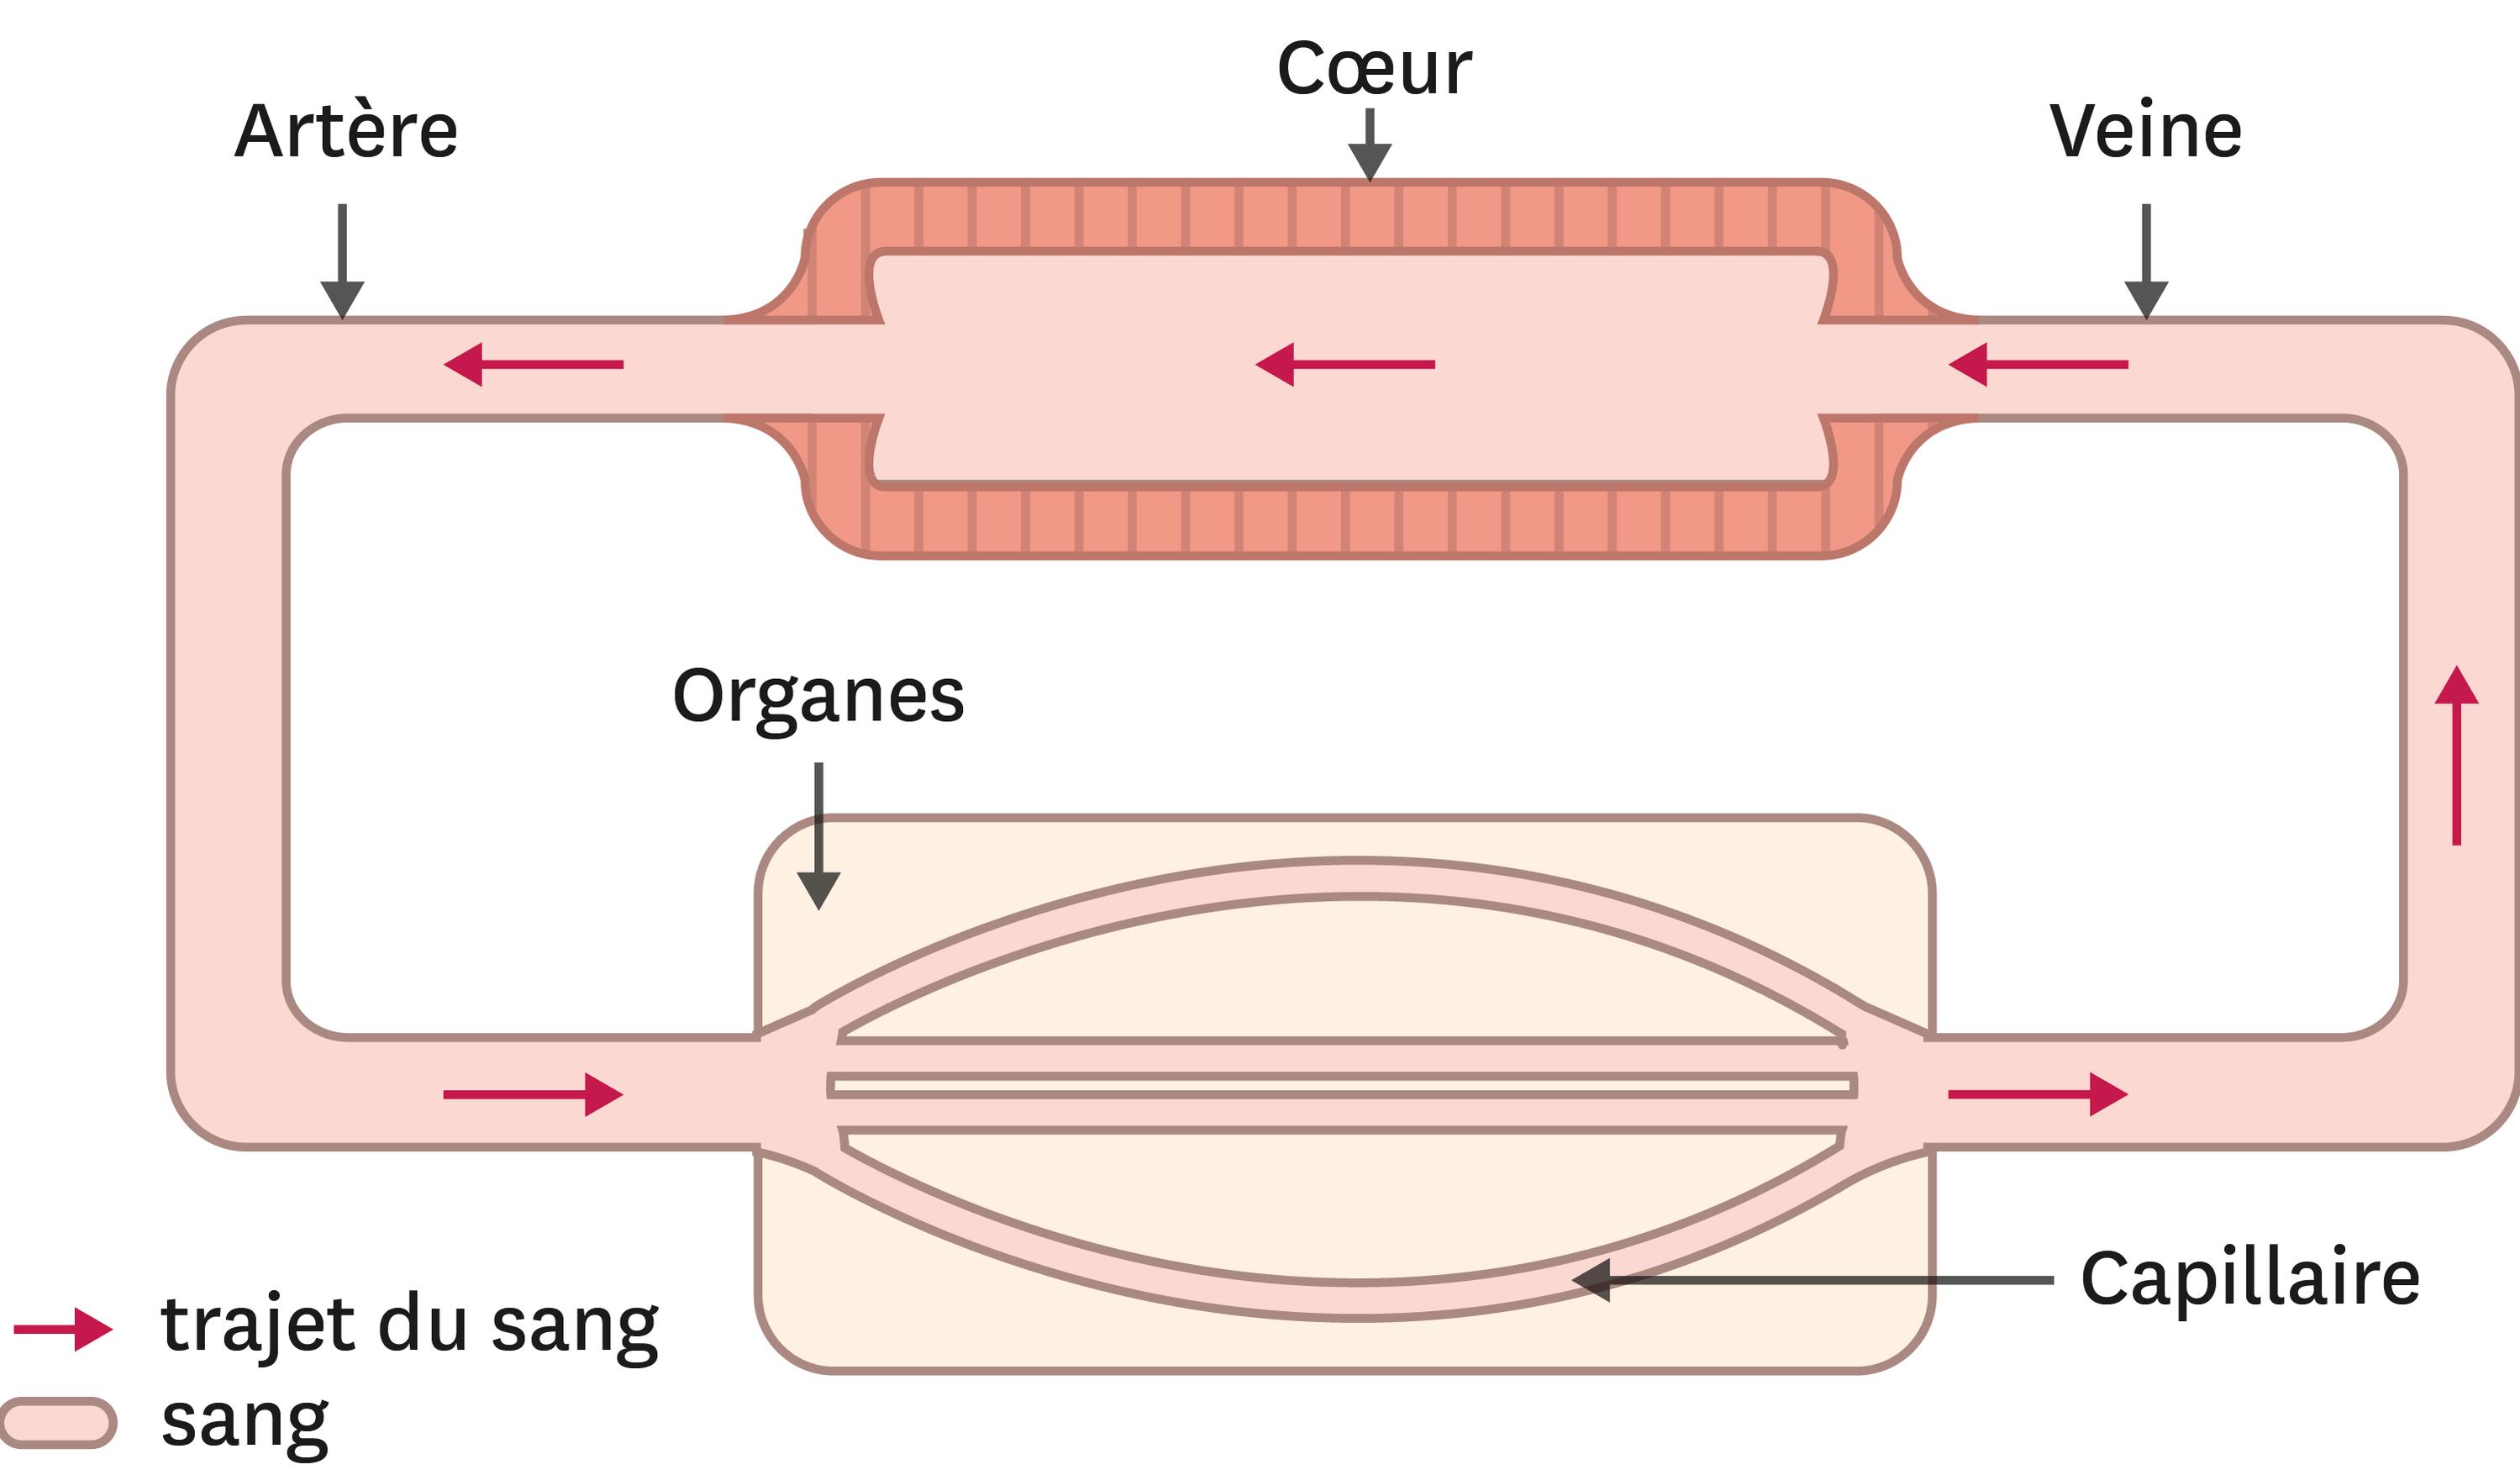 L'appareil circulatoire simplifié d'un organisme vertébré comme la grenouille.